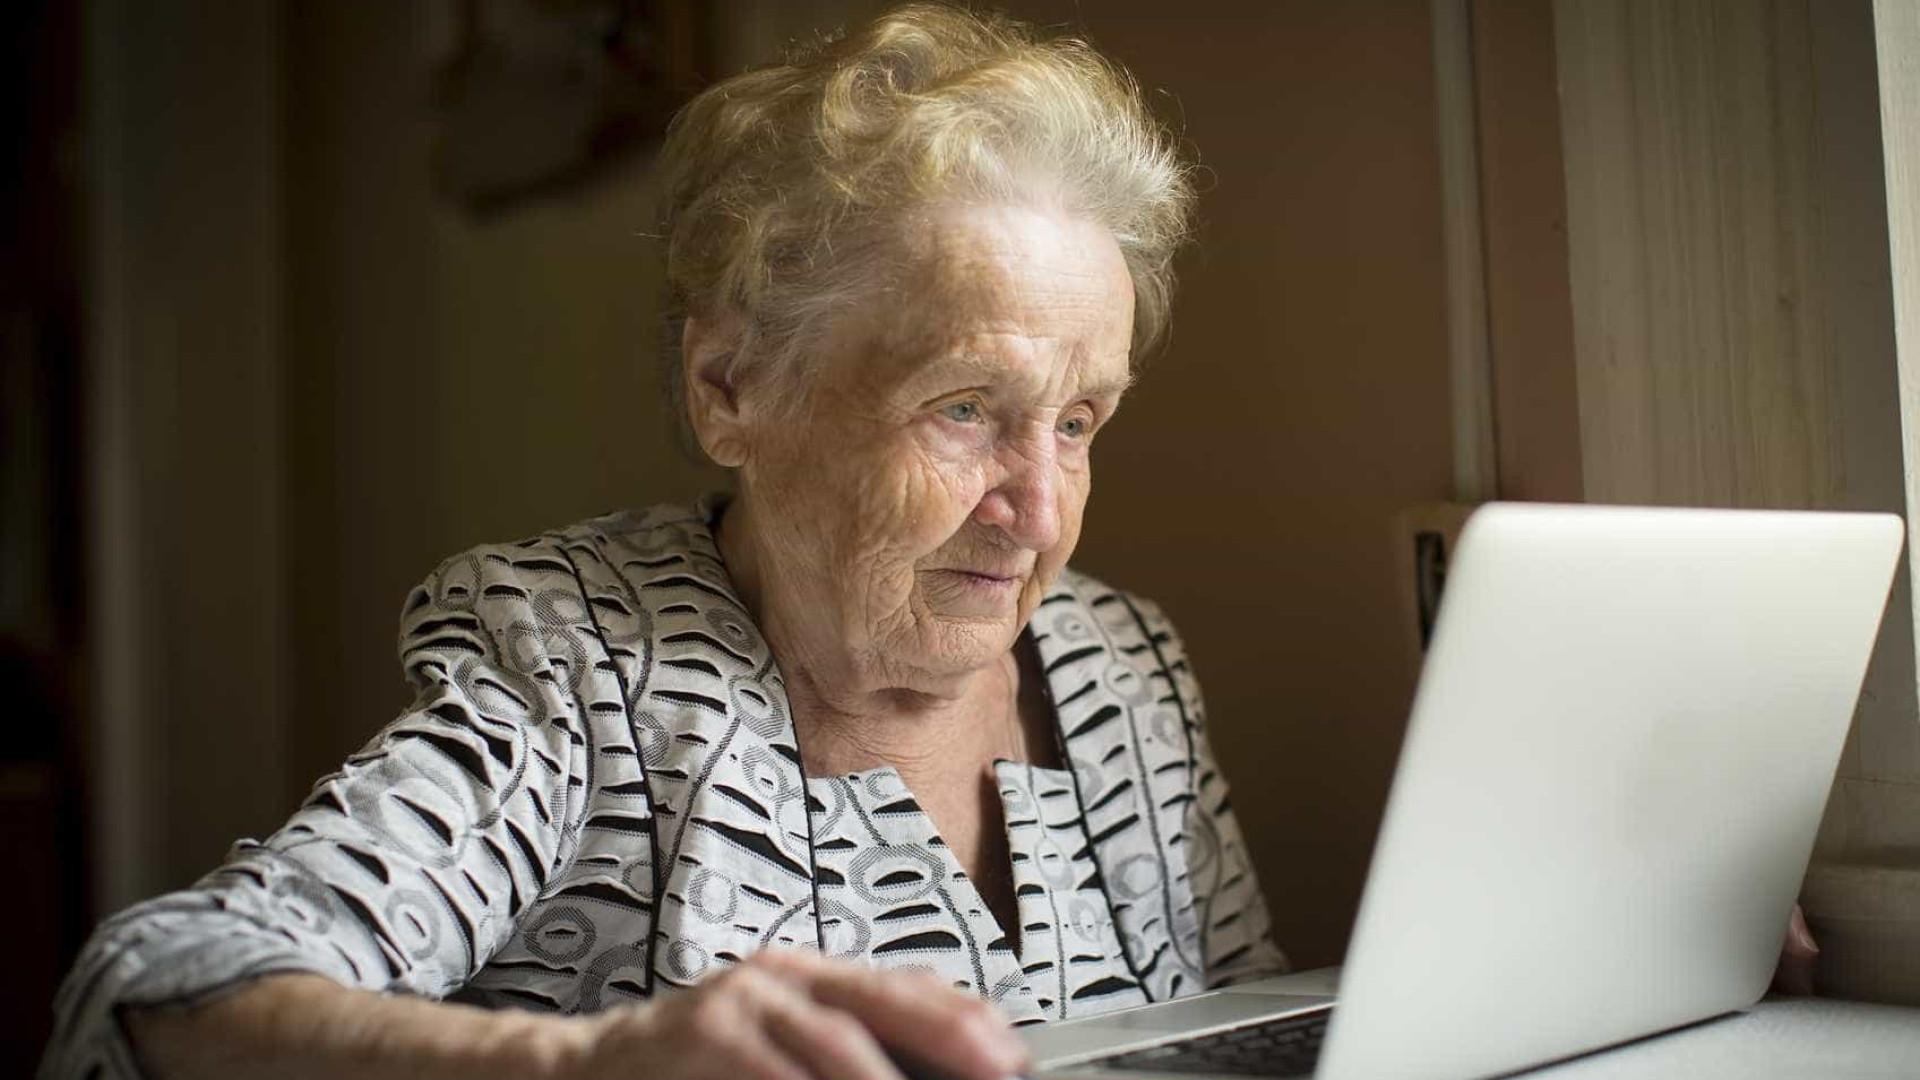 Projeto europeu quer pôr tecnologias ao serviço das pessoas mais velhas